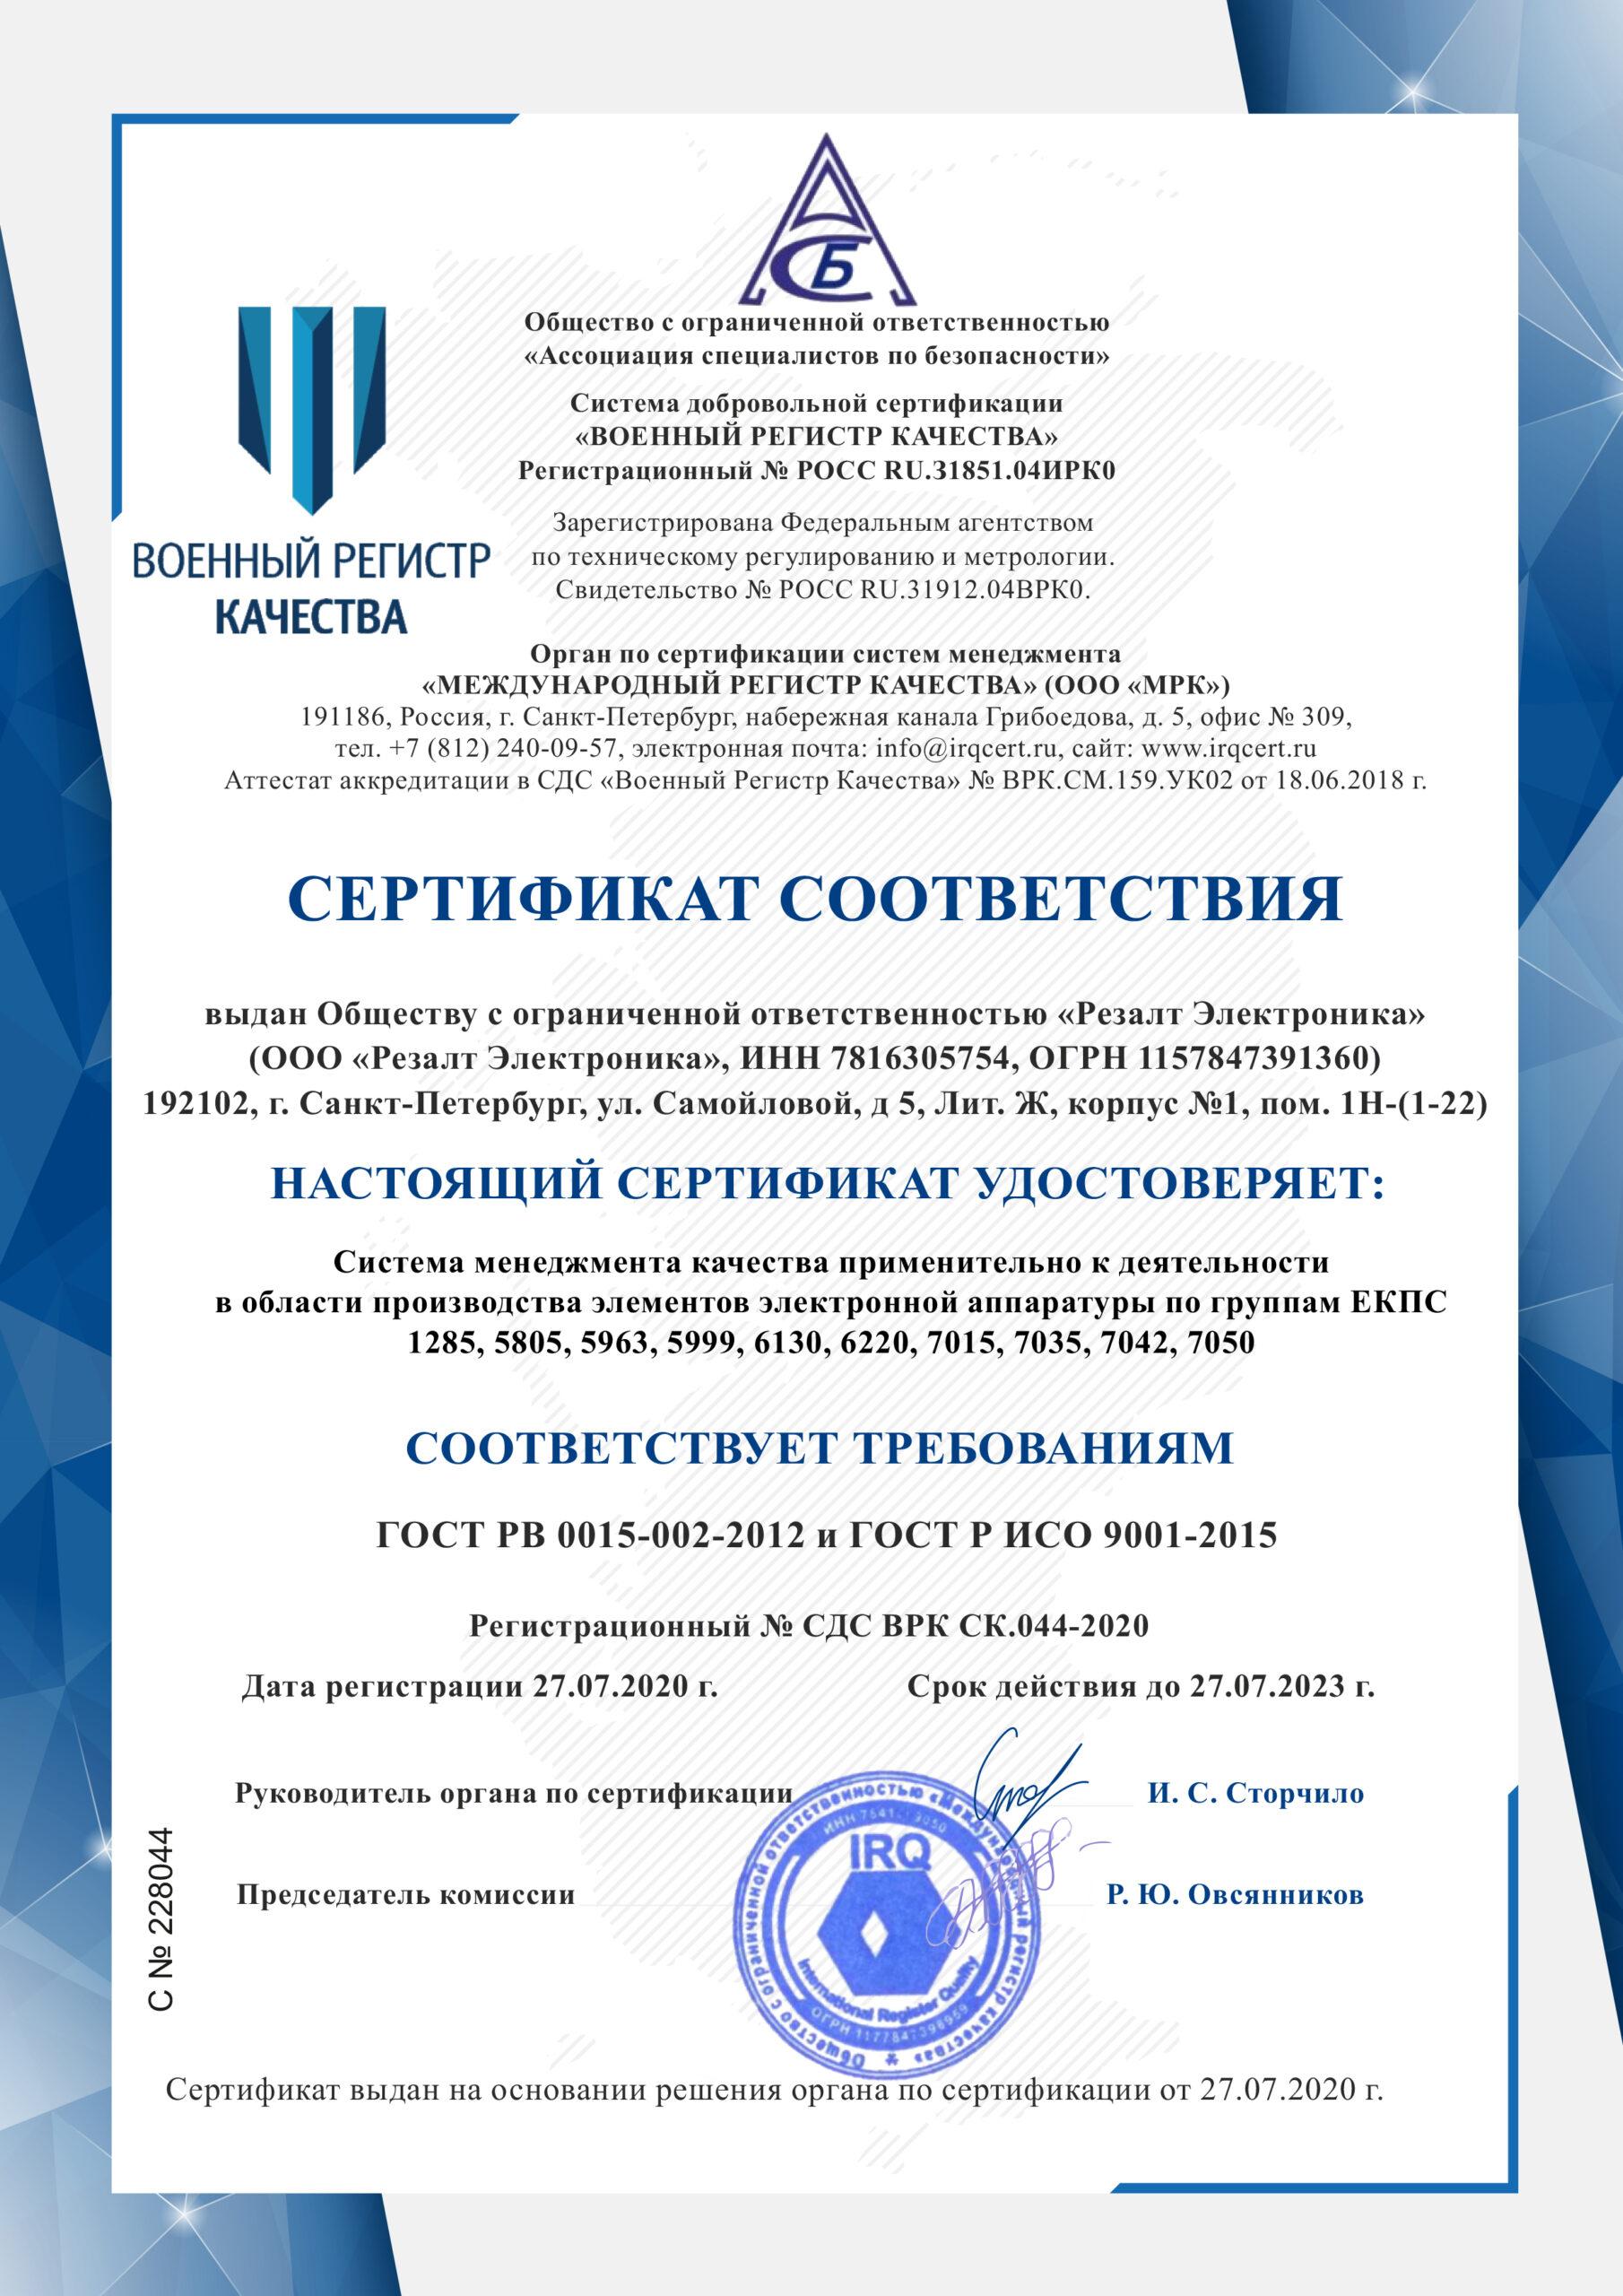 сертификат ГОСТ РВ 0015-002-2012 и ГОСТ Р ИСО 9001-2015